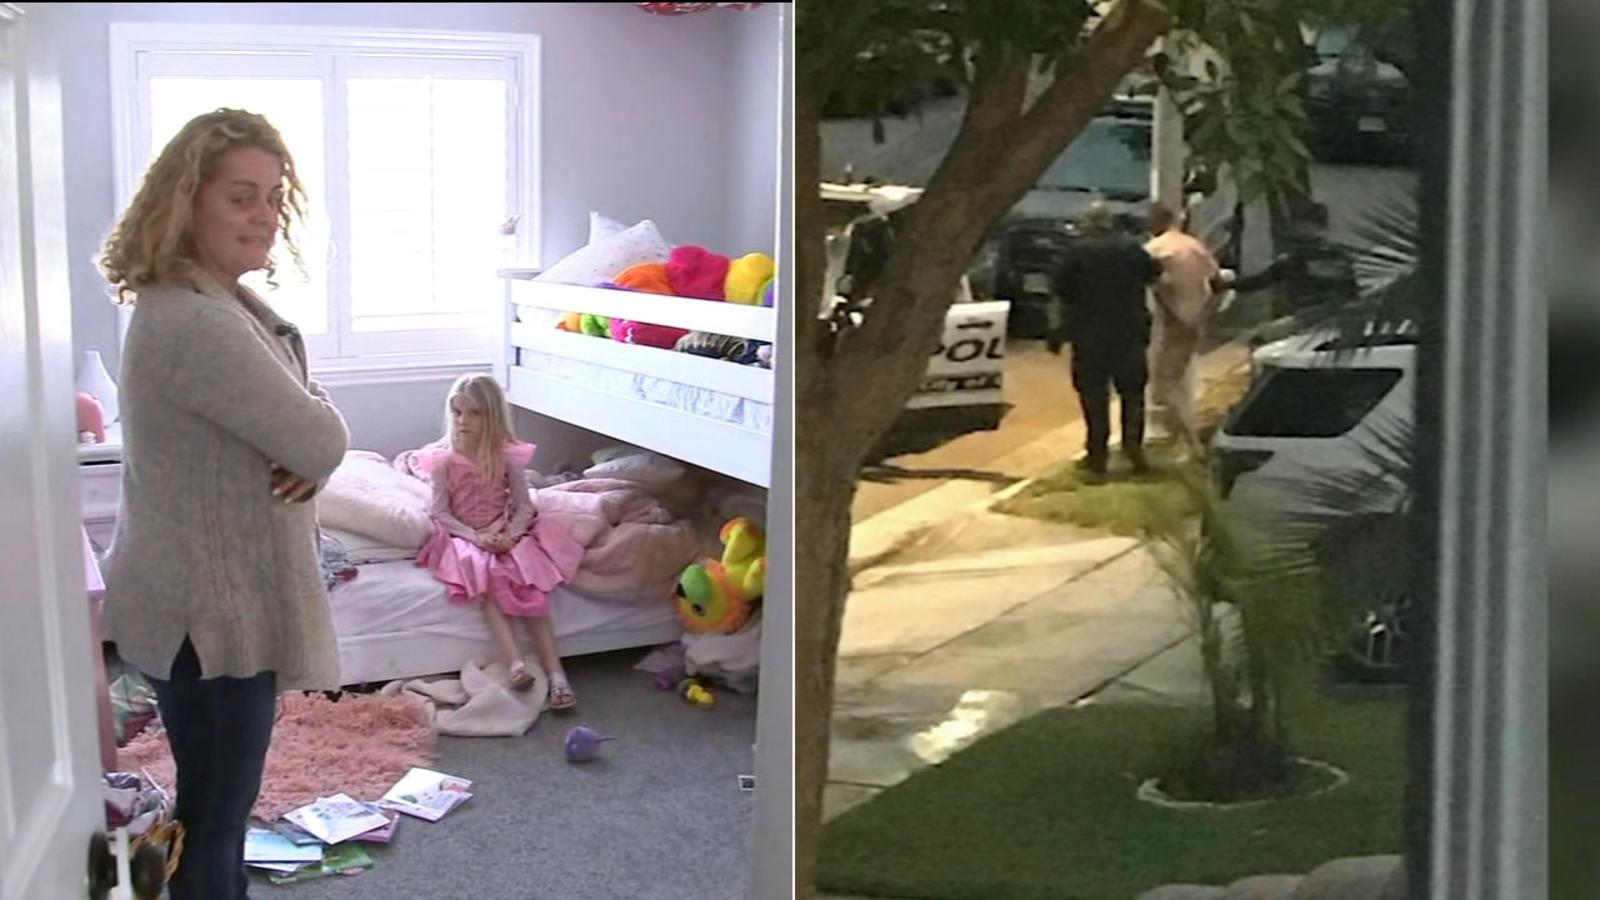 Naked intruder on drugs terrorizes Corona family   ABC7